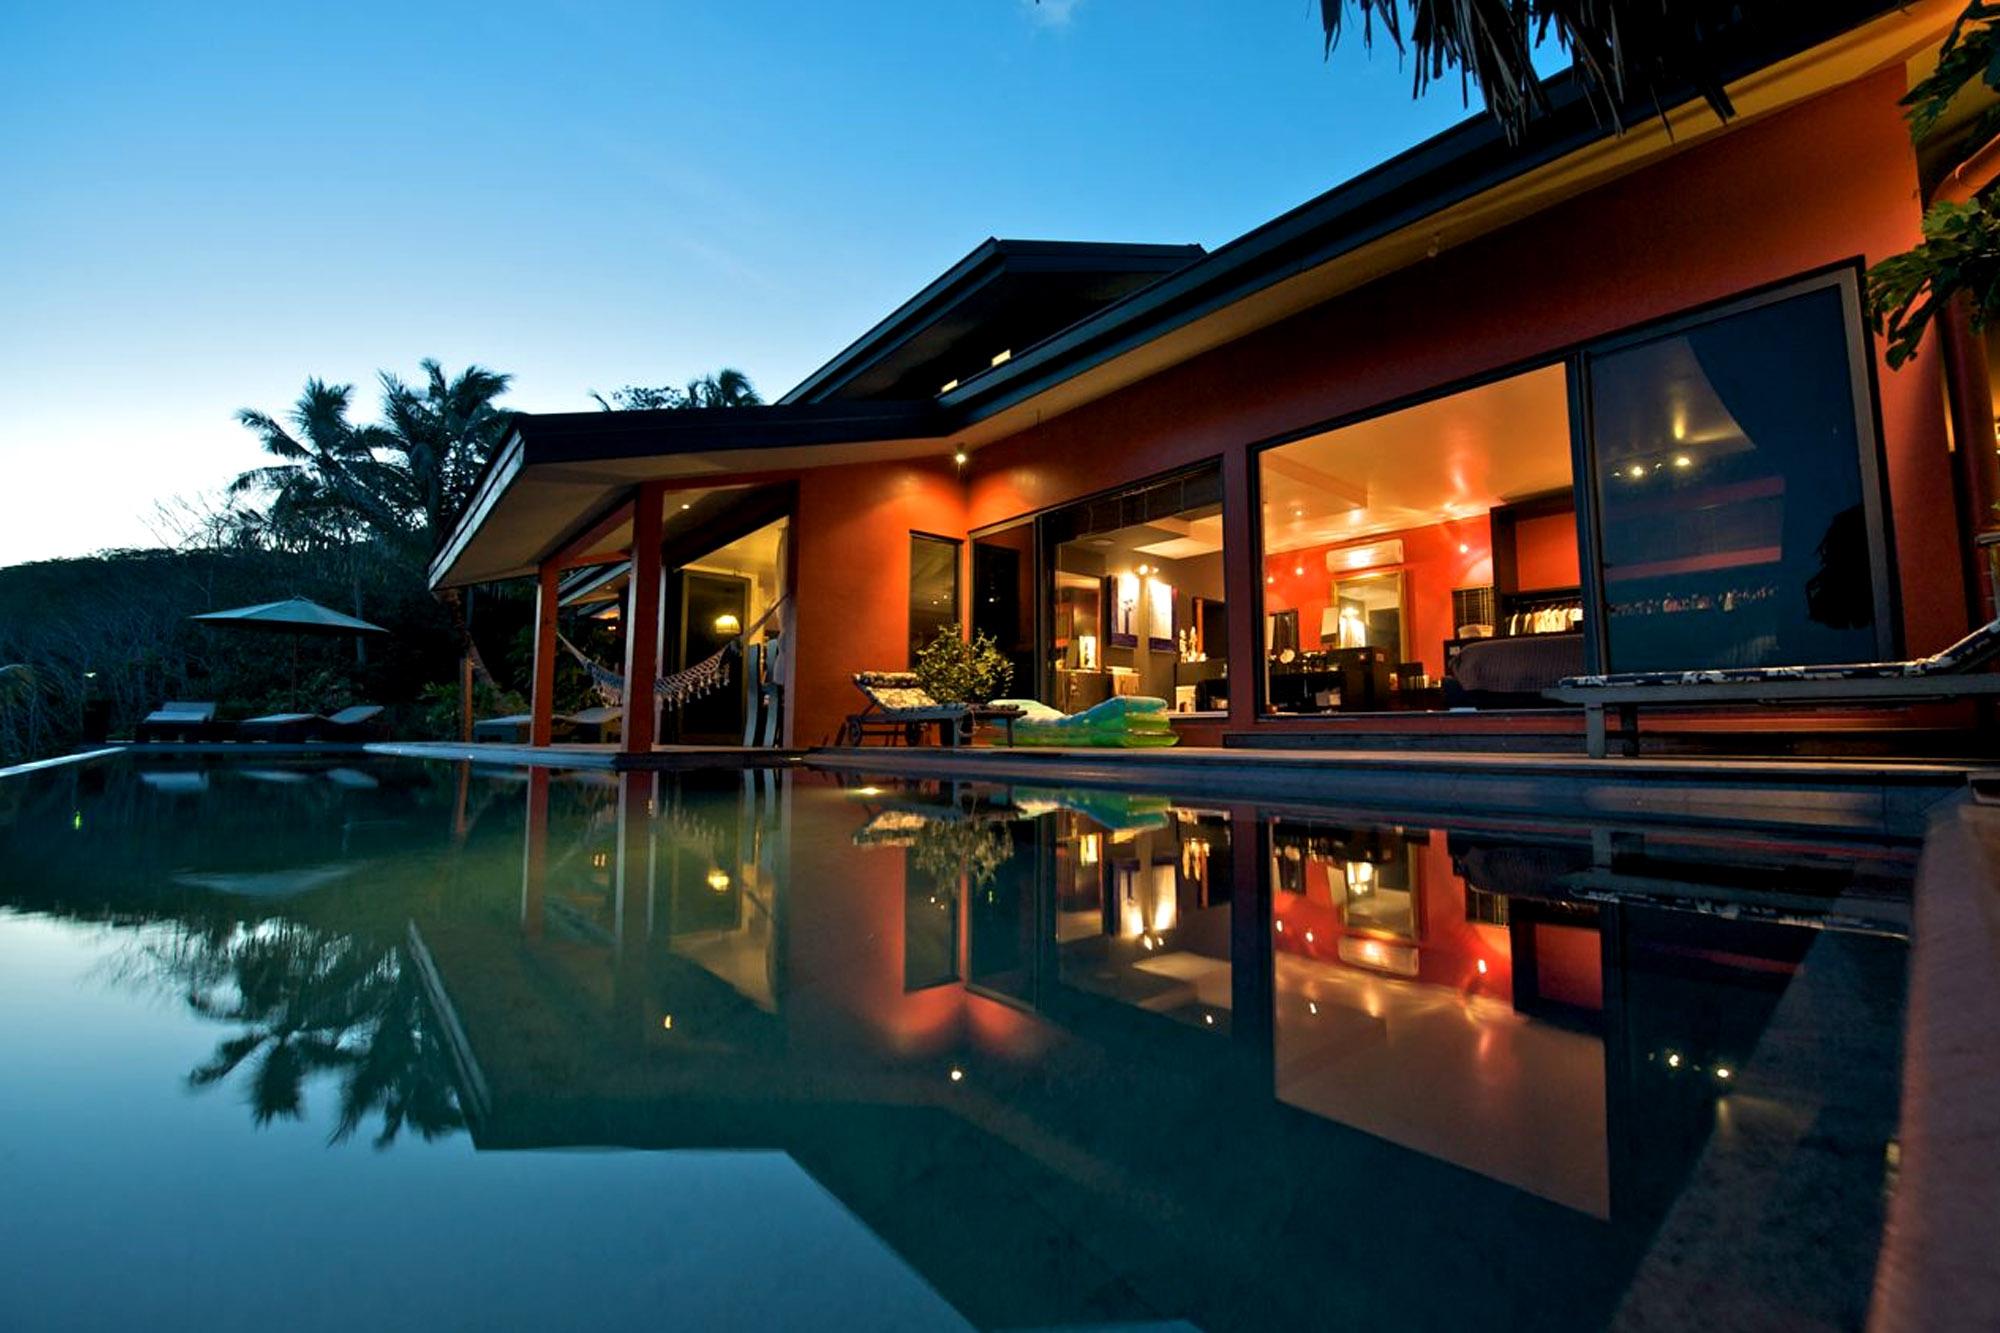 Bienes raices en ecuador venta y alquiler renta de html for Busco piso en alquiler en sevilla capital